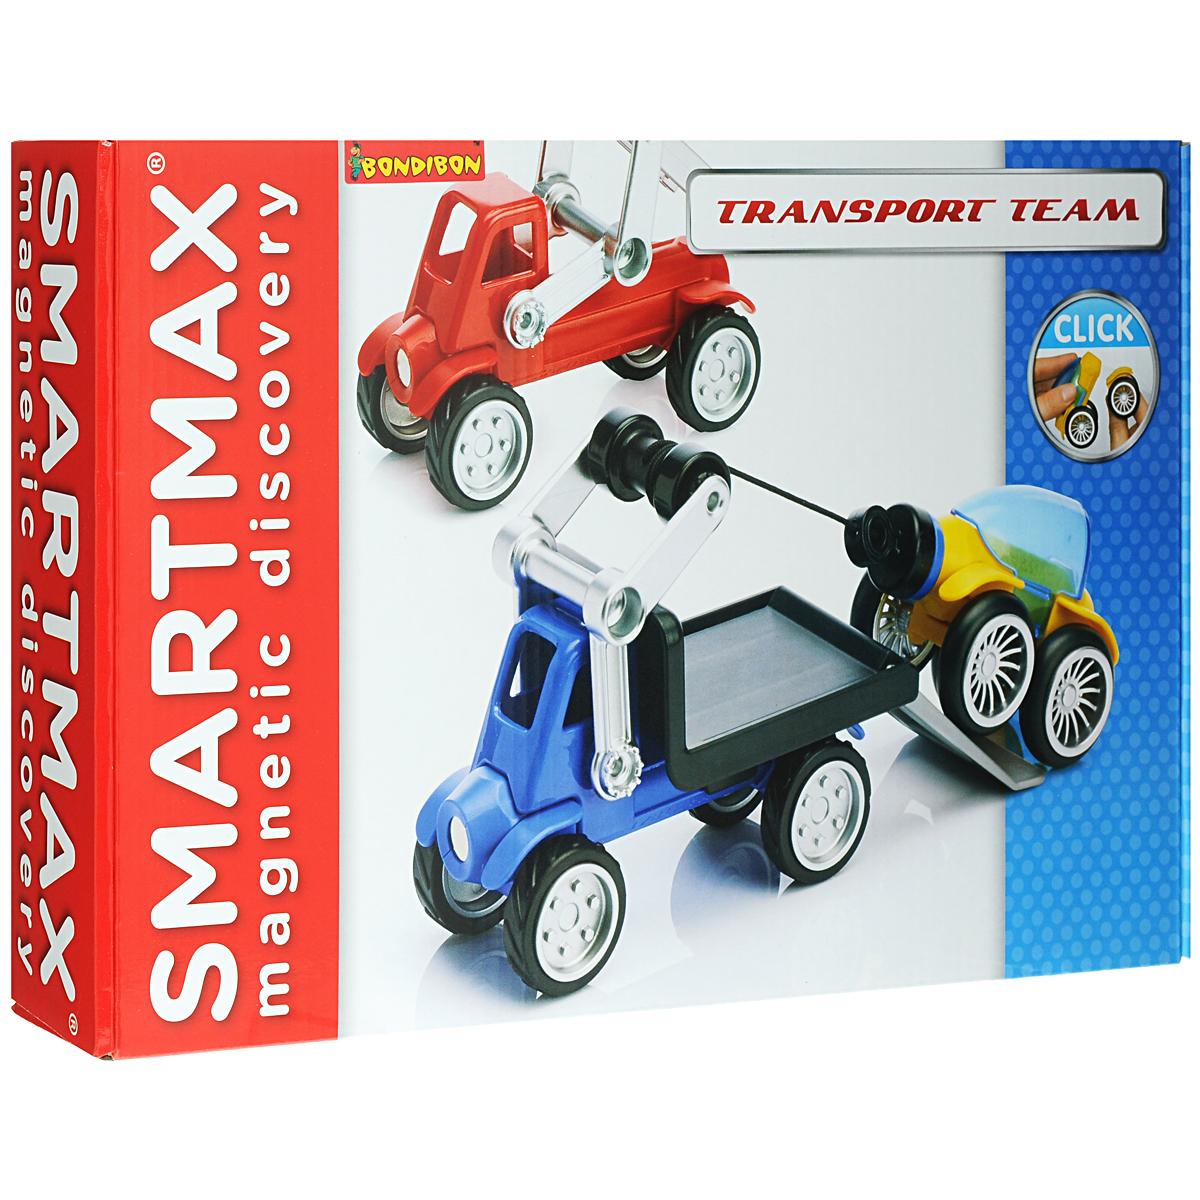 Bondibon Конструктор магнитный Smartmax ТранспортВВ1063/SMX 254Магнитный конструктор Bondibon Smartmax Транспорт не только будет развлекать вашего малыша игрой, освобождая вас на некоторое время от его требовательного внимания, но и познакомит вашего почемучку с принципом действия магнитов! В комплект входят 17 элементов магнитного конструктора, в том числе два блока-основы, из которых ребенок без труда сможет собрать погрузчик для перевозки и эвакуатор. Благодаря прорезиненным колесикам со свободным ходом малыш с удовольствием будет катать собранные игрушки. Благодаря крупным размерам элементов конструктора малышу будет удобно их держать. Магниты держатся внутри элементов очень прочно, и выпадение их во время игры исключено. Готовую модель можно сразу разобрать, чтобы создать нечто более новое и совершенное, а можно использовать ее в сюжетно-ролевой игре. Объединяйте разные наборы SmartMax и расширяйте творческие возможности своего маленького изобретателя! В серию этих конструкторов вошли разные наборы, но все они...